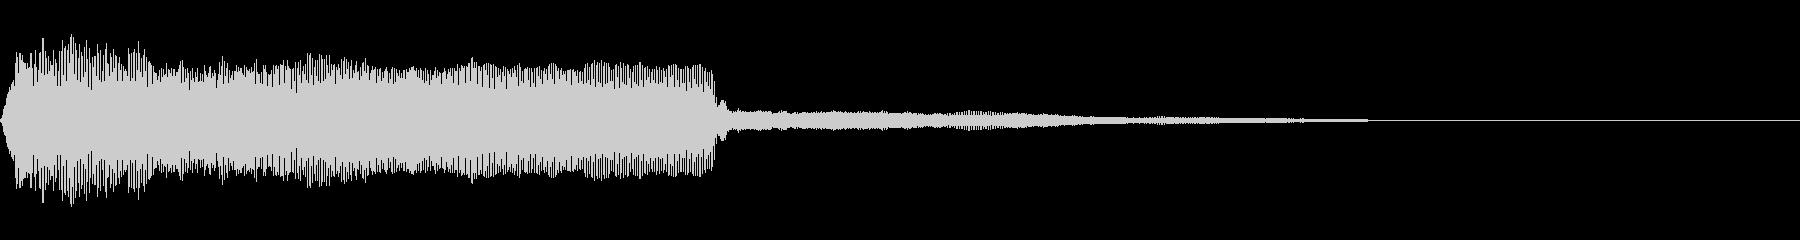 レゲエやDJで使われるラッパ音ver6の未再生の波形